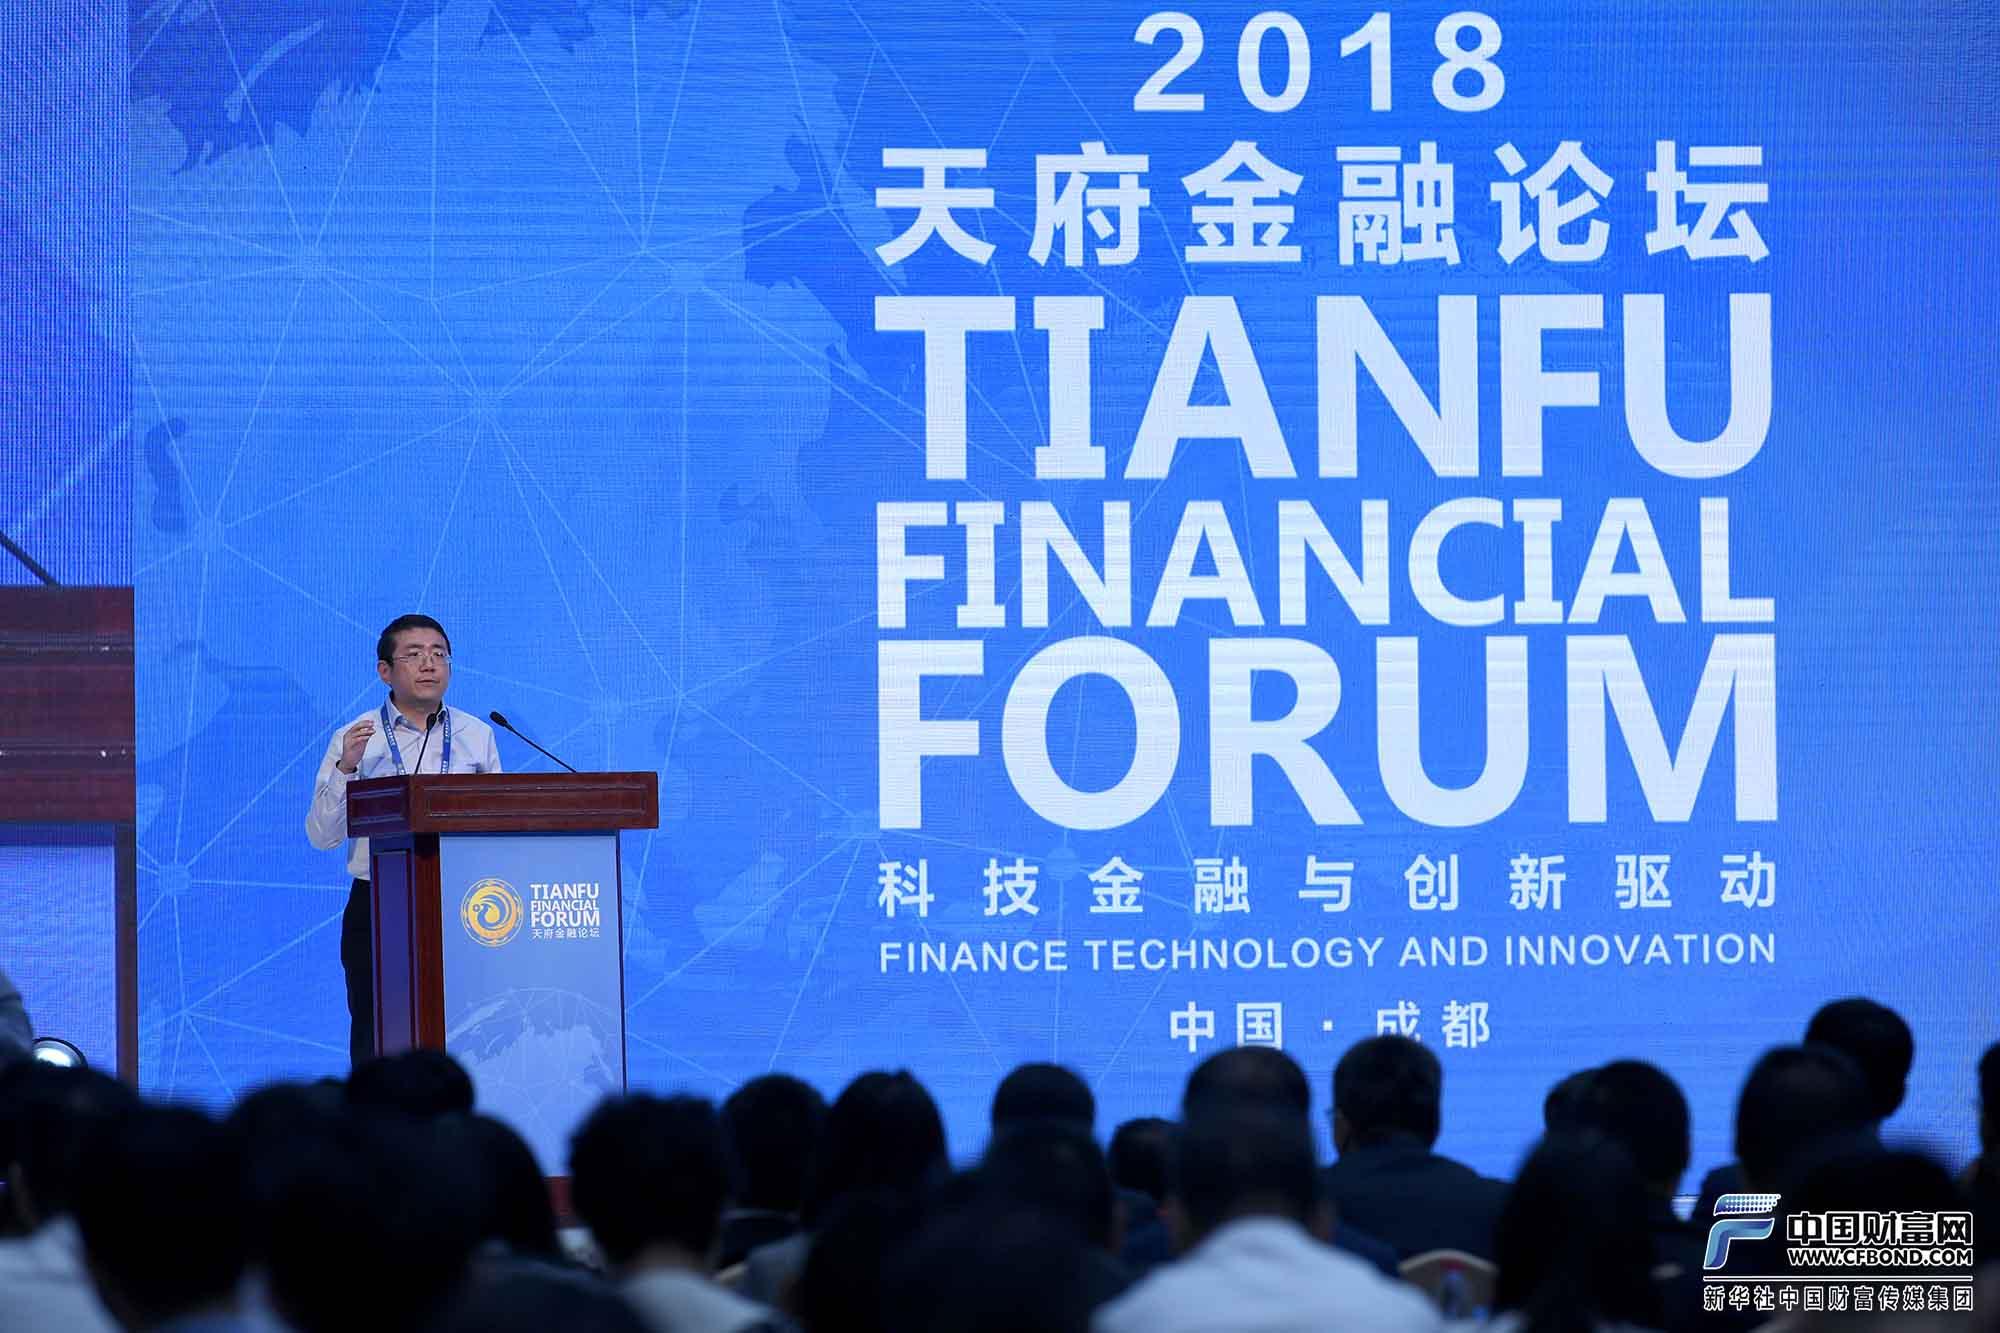 中国社会科学院金融研究所所长助理杨涛